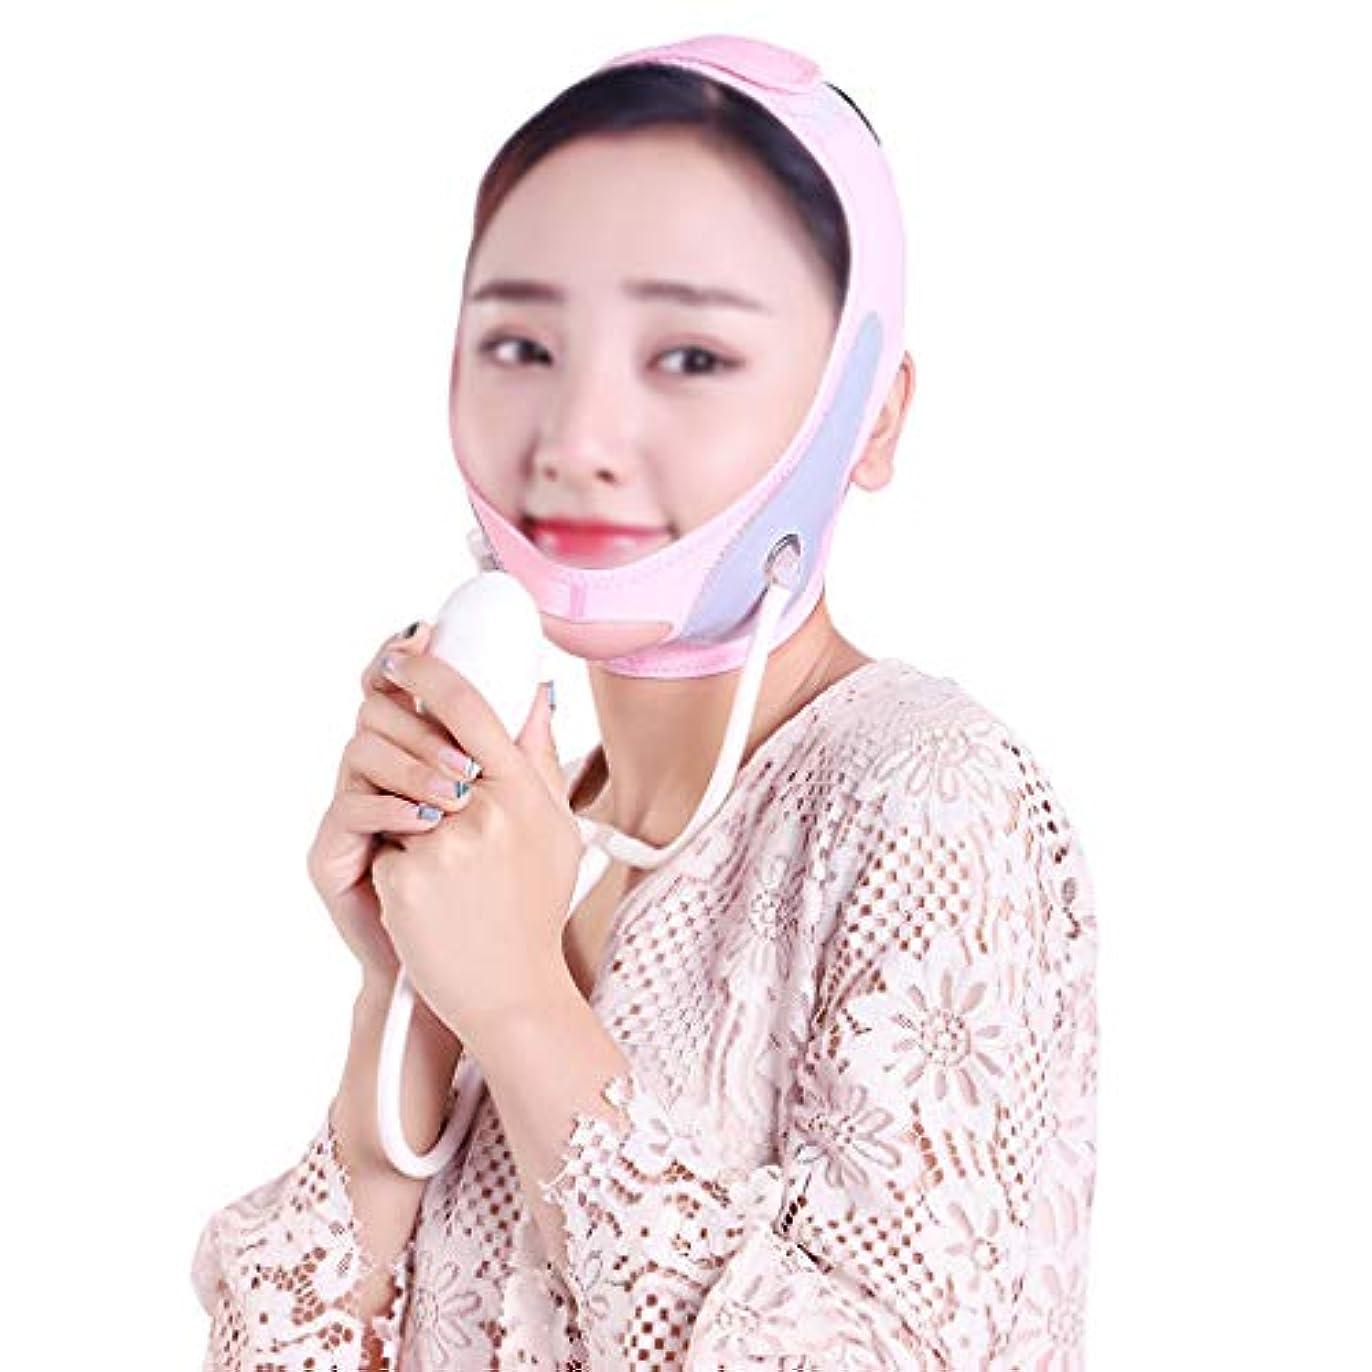 セラフ体センブランスGLJJQMY 膨脹可能なマスクは小さいVの表面を作成するために皮の形づけおよび引き締めパターン/二重あごの包帯の人工物を高めます 顔用整形マスク